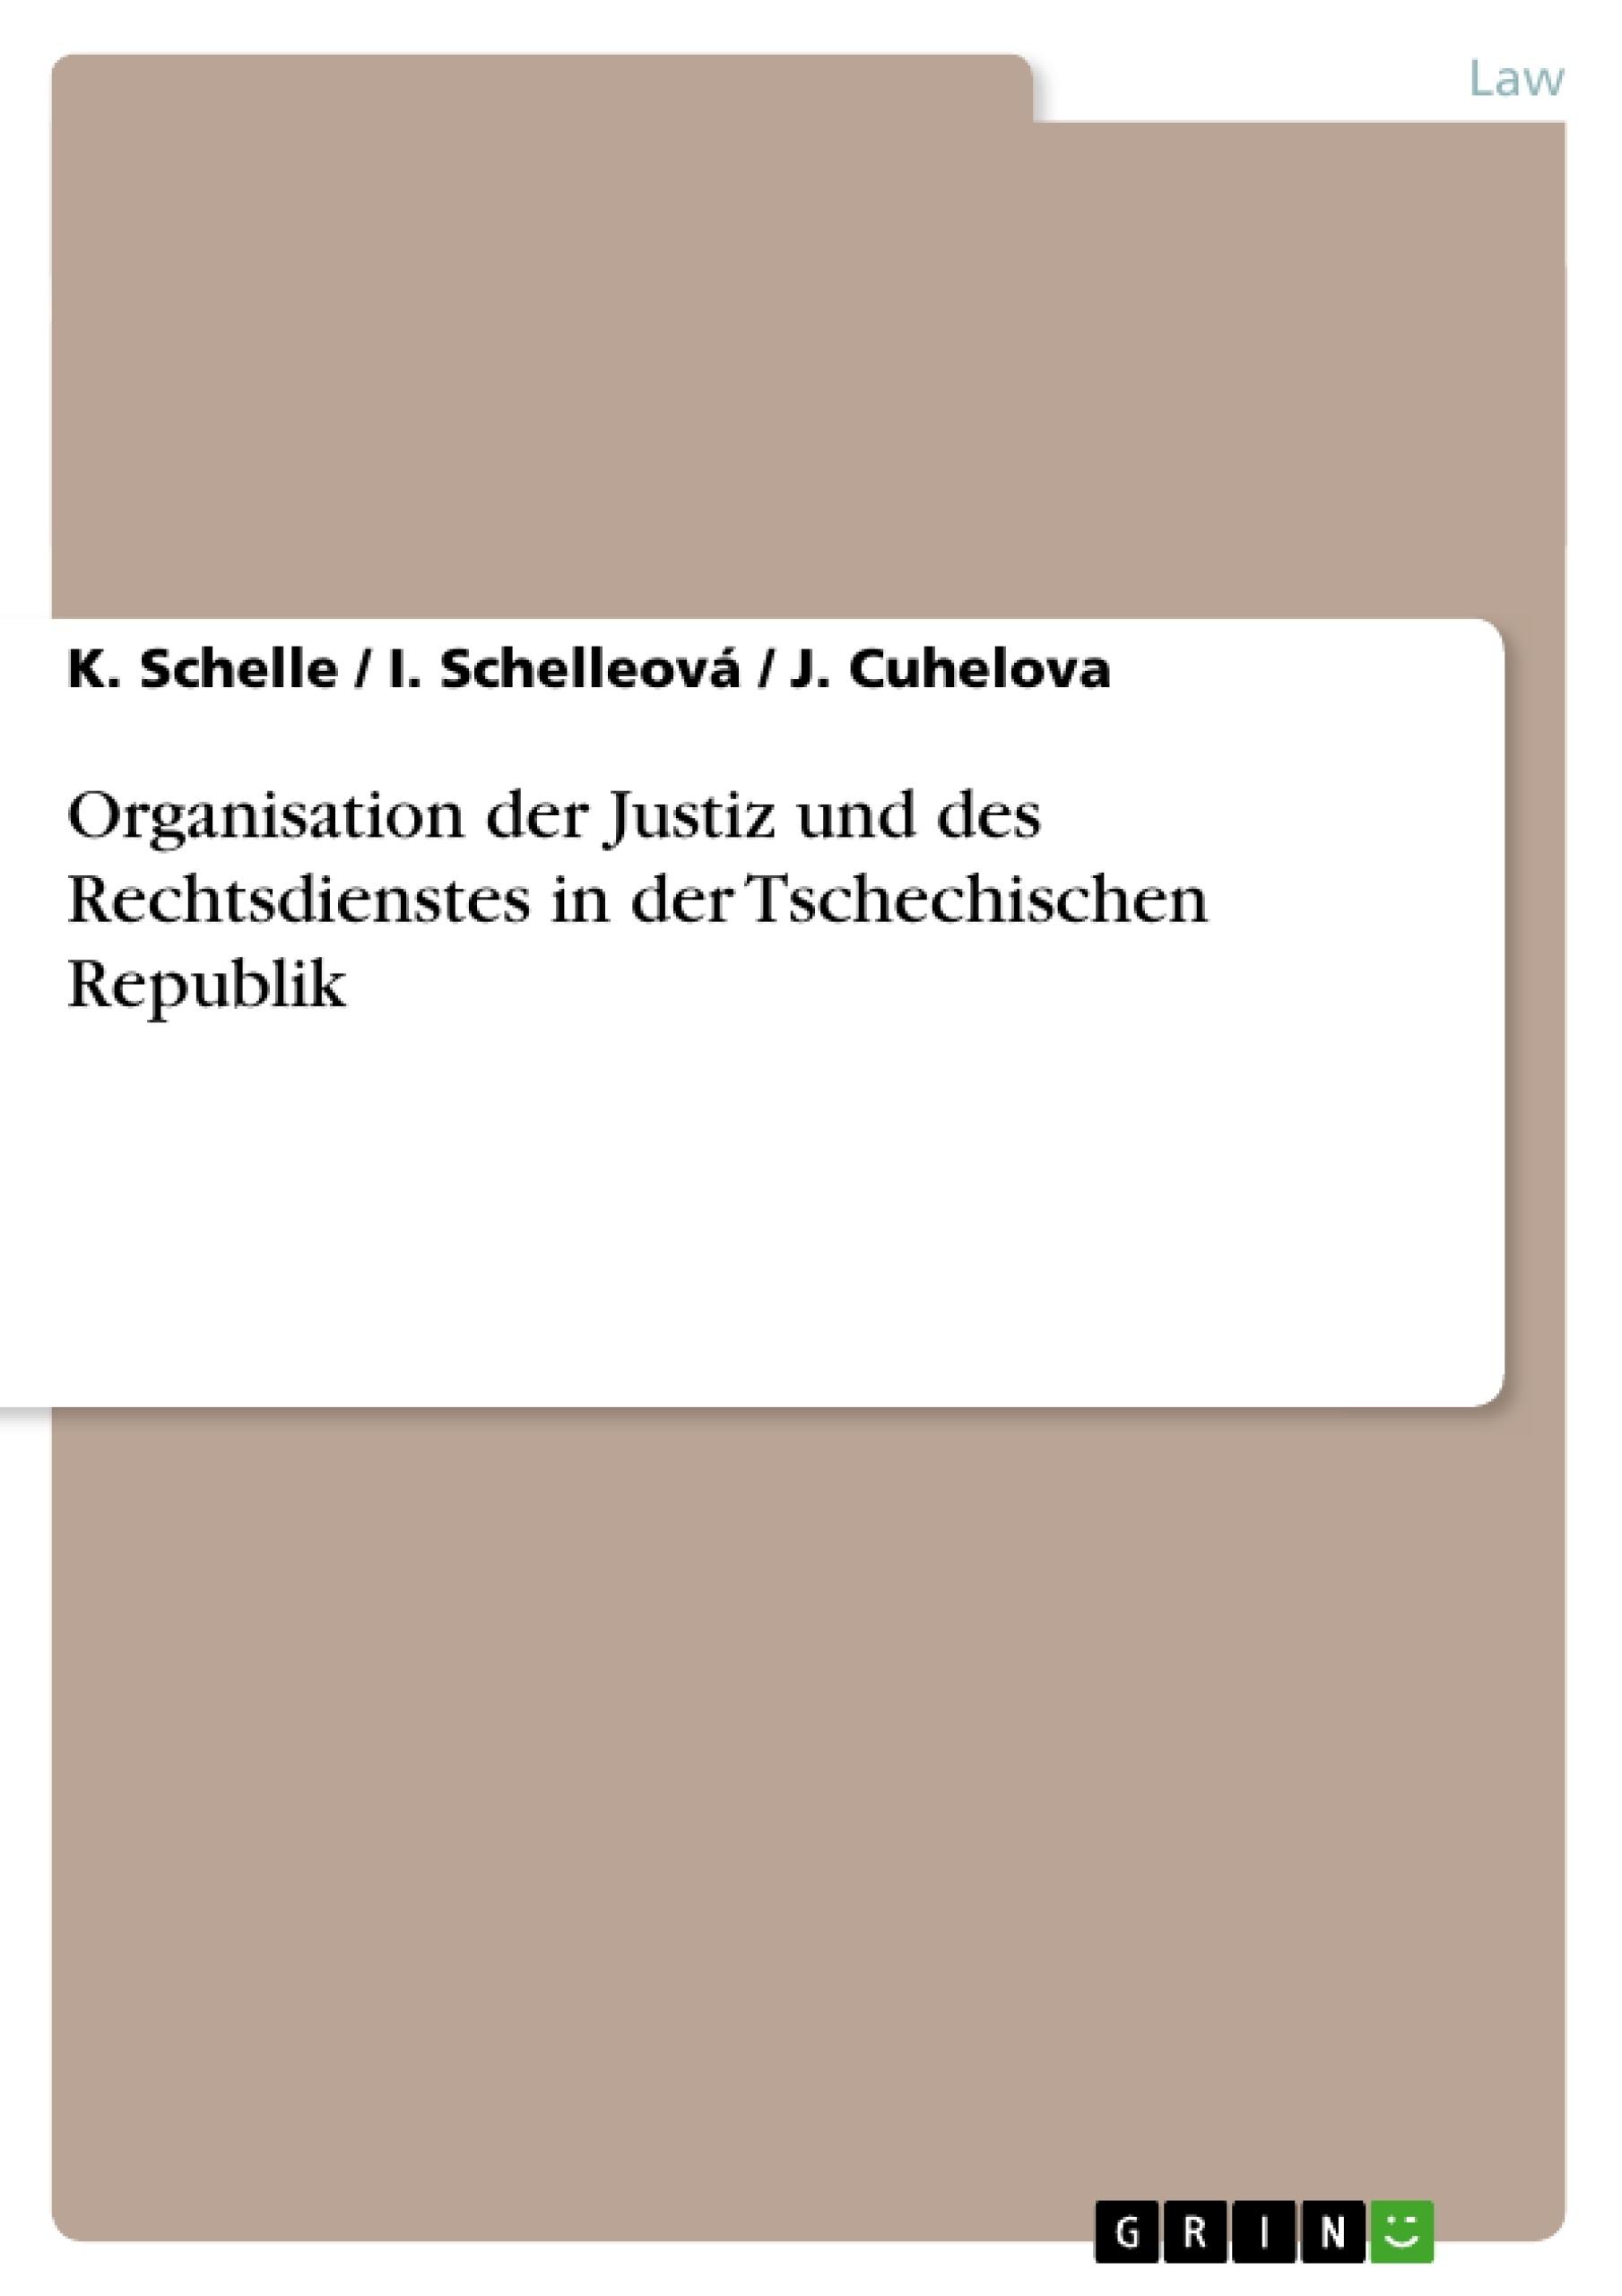 Title: Organisation der Justiz und des Rechtsdienstes in der Tschechischen Republik